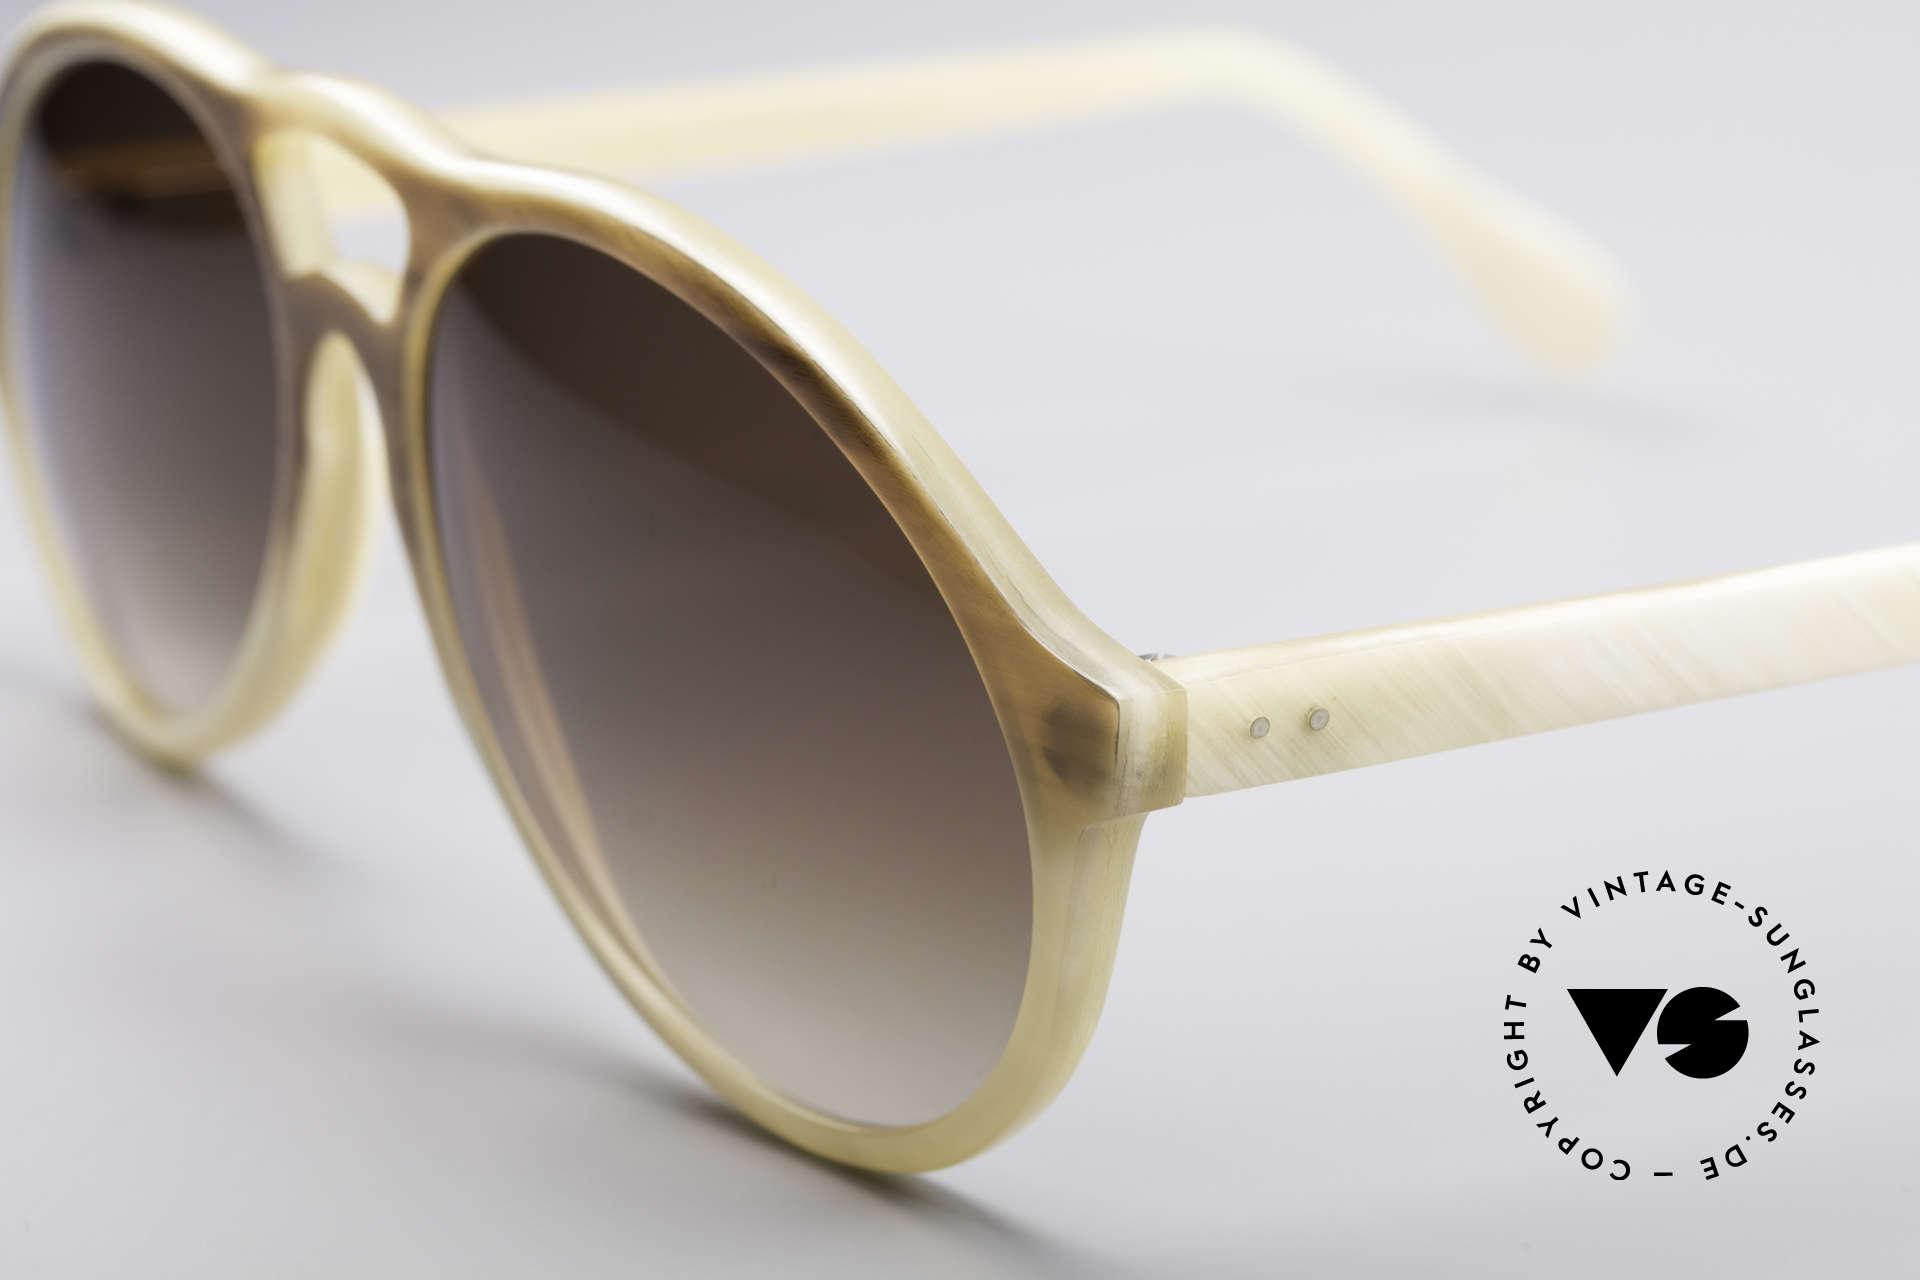 Bugatti 7343 Echt Büffelhorn Sonnenbrille, einzigartiger Rahmen, jedes Horn-Modell ist individuell, Passend für Herren